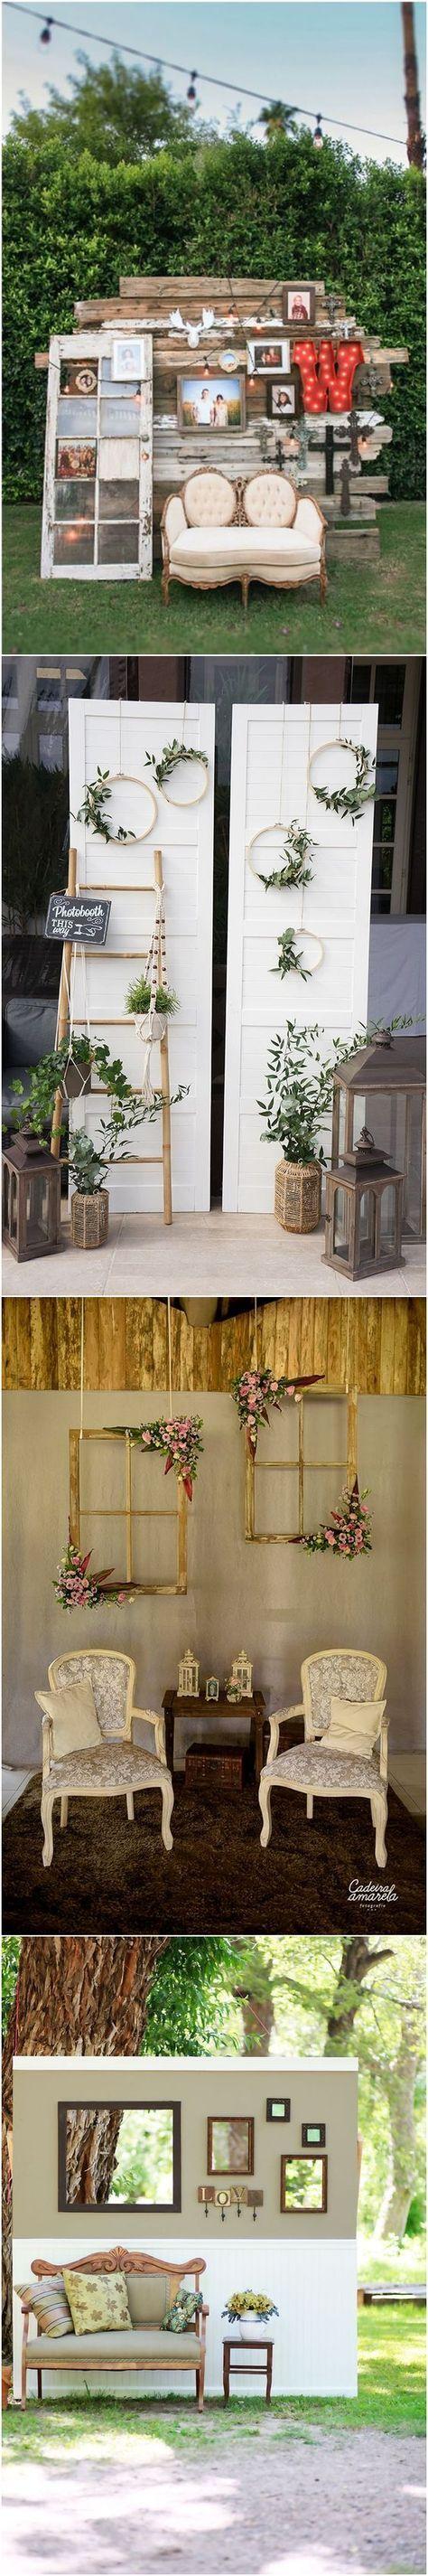 Diy Wedding Photo Booth Ideas